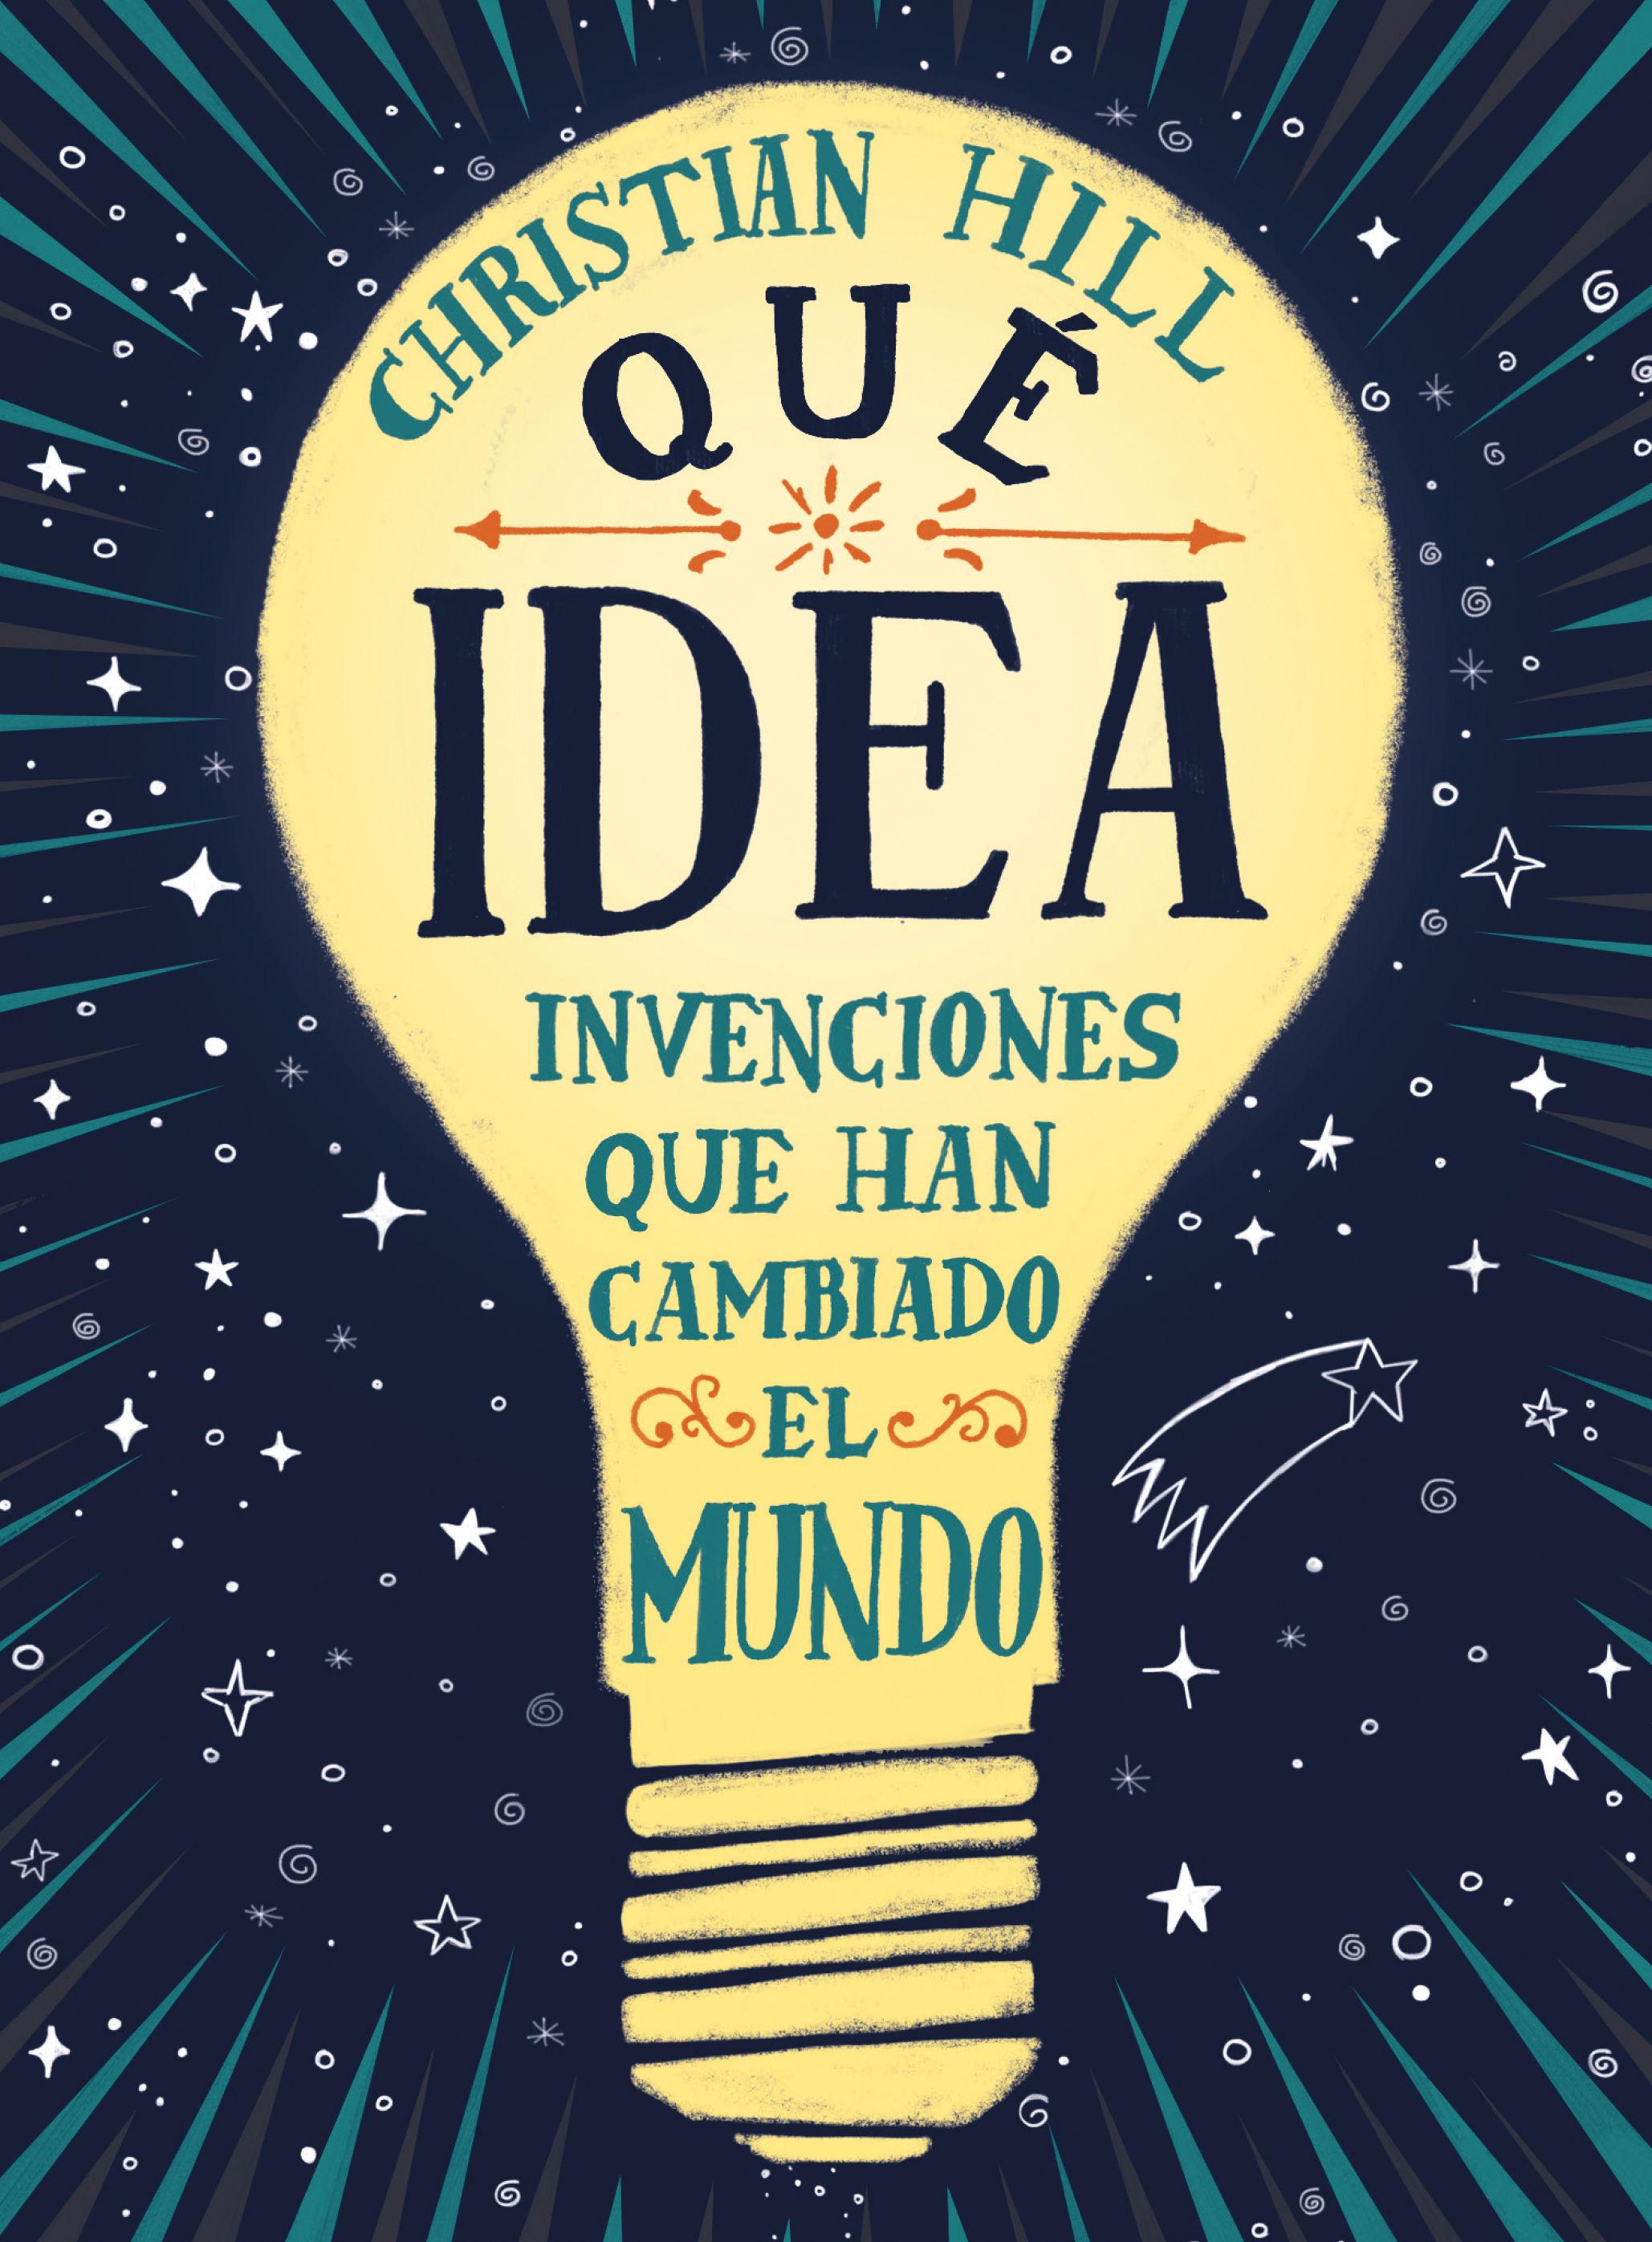 QUE IDEA LAS INVENCIONES QUE HAN CAMBIADO EL MUNDO